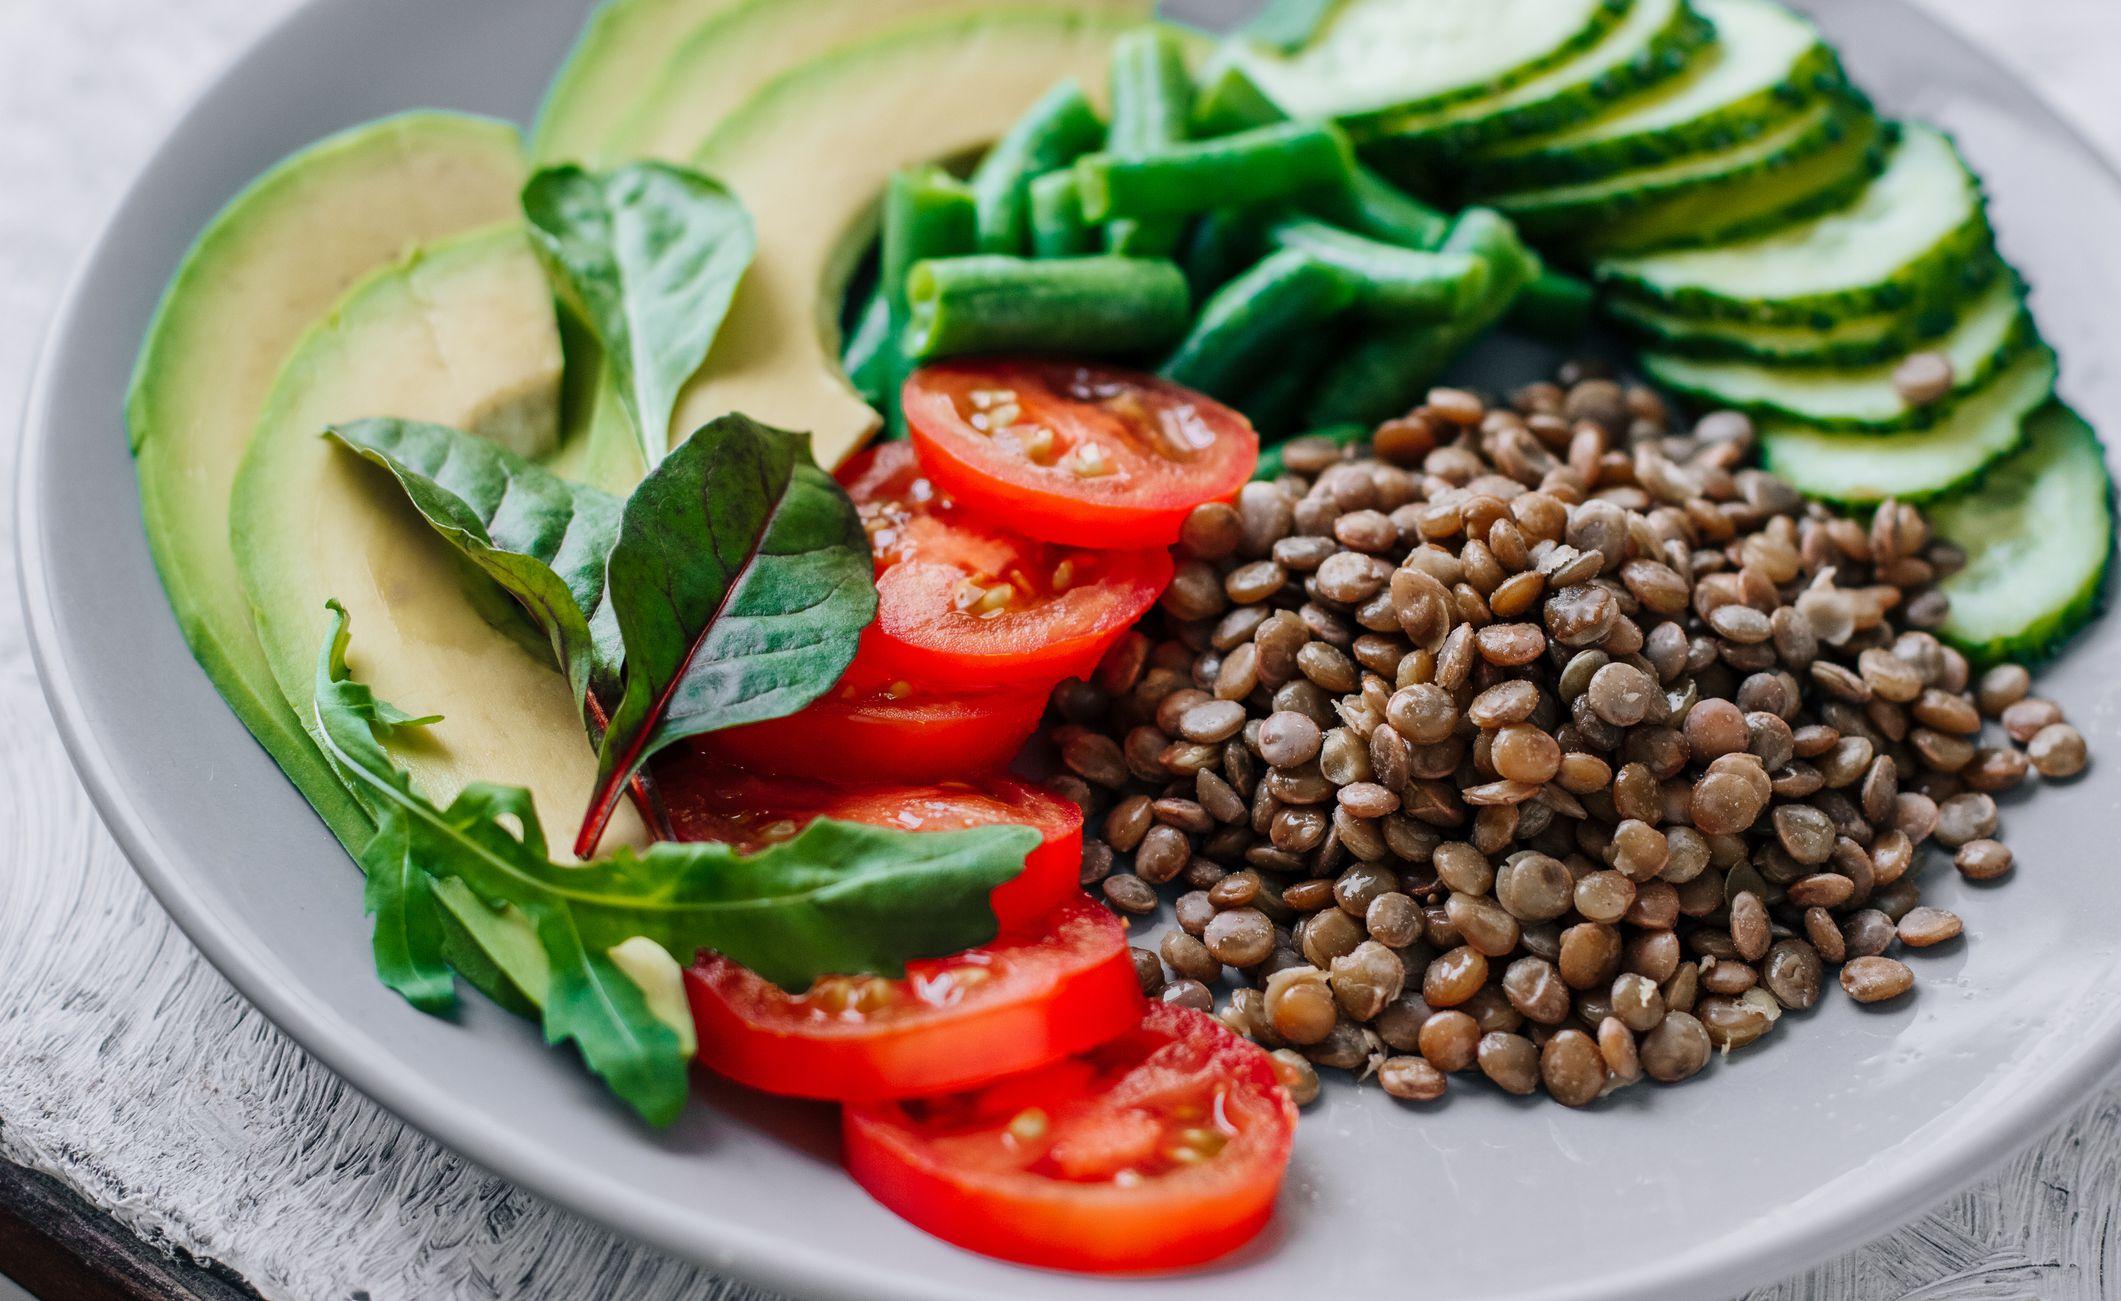 9 thực phẩm giúp cải thiện tâm trạng - Ảnh 6